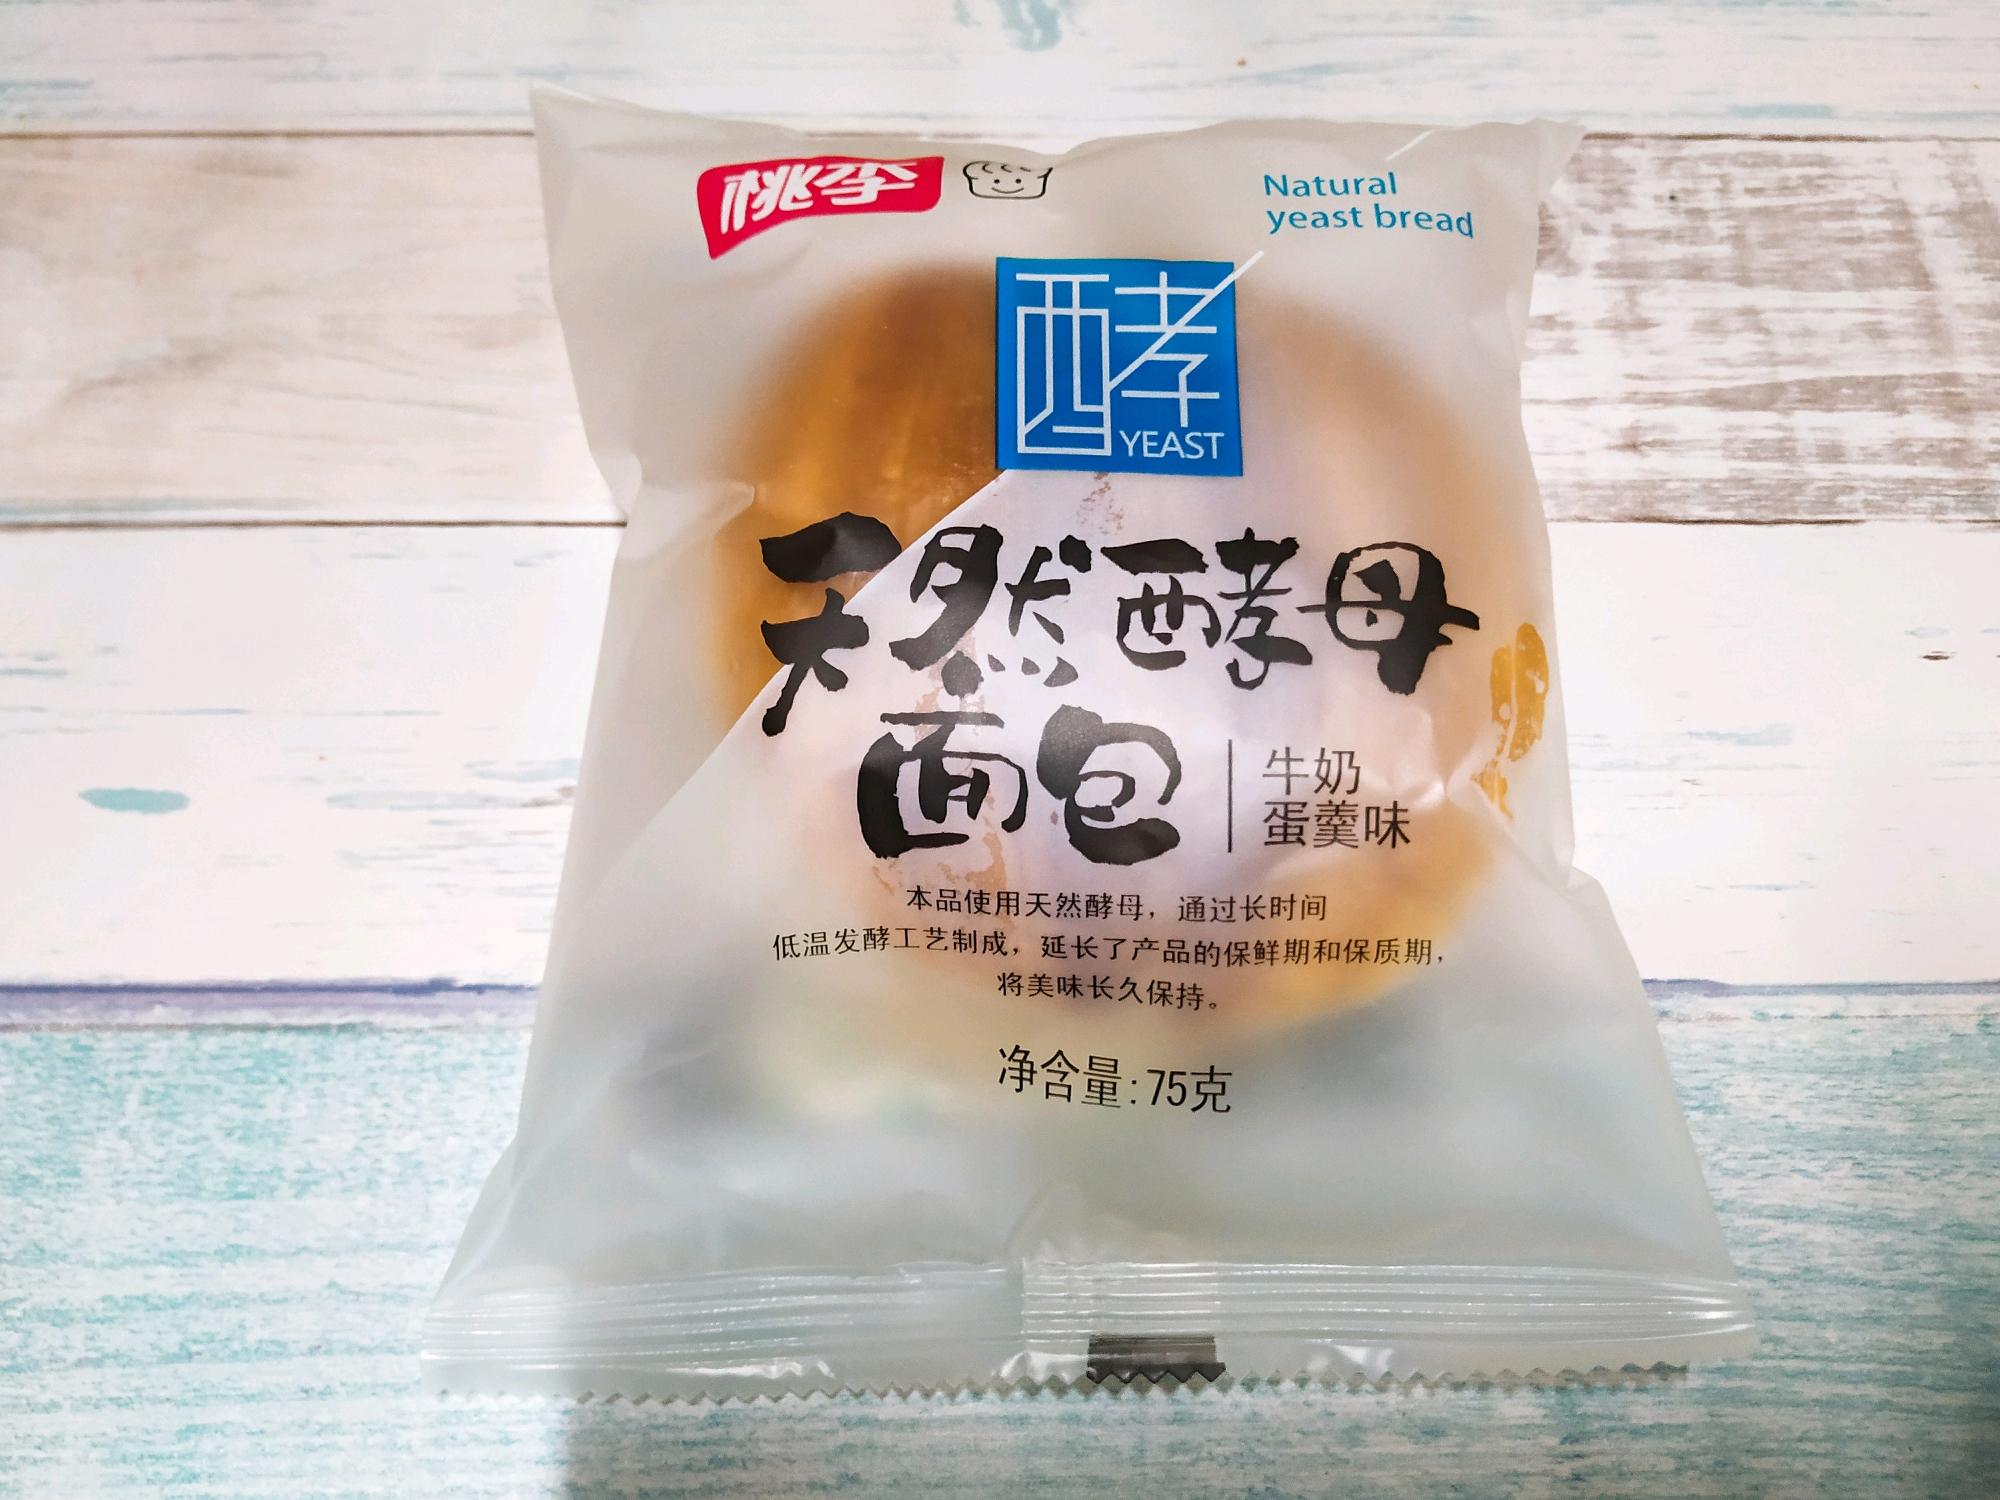 【面包测评─桃李】天然酵母面包(牛奶蛋羹味)